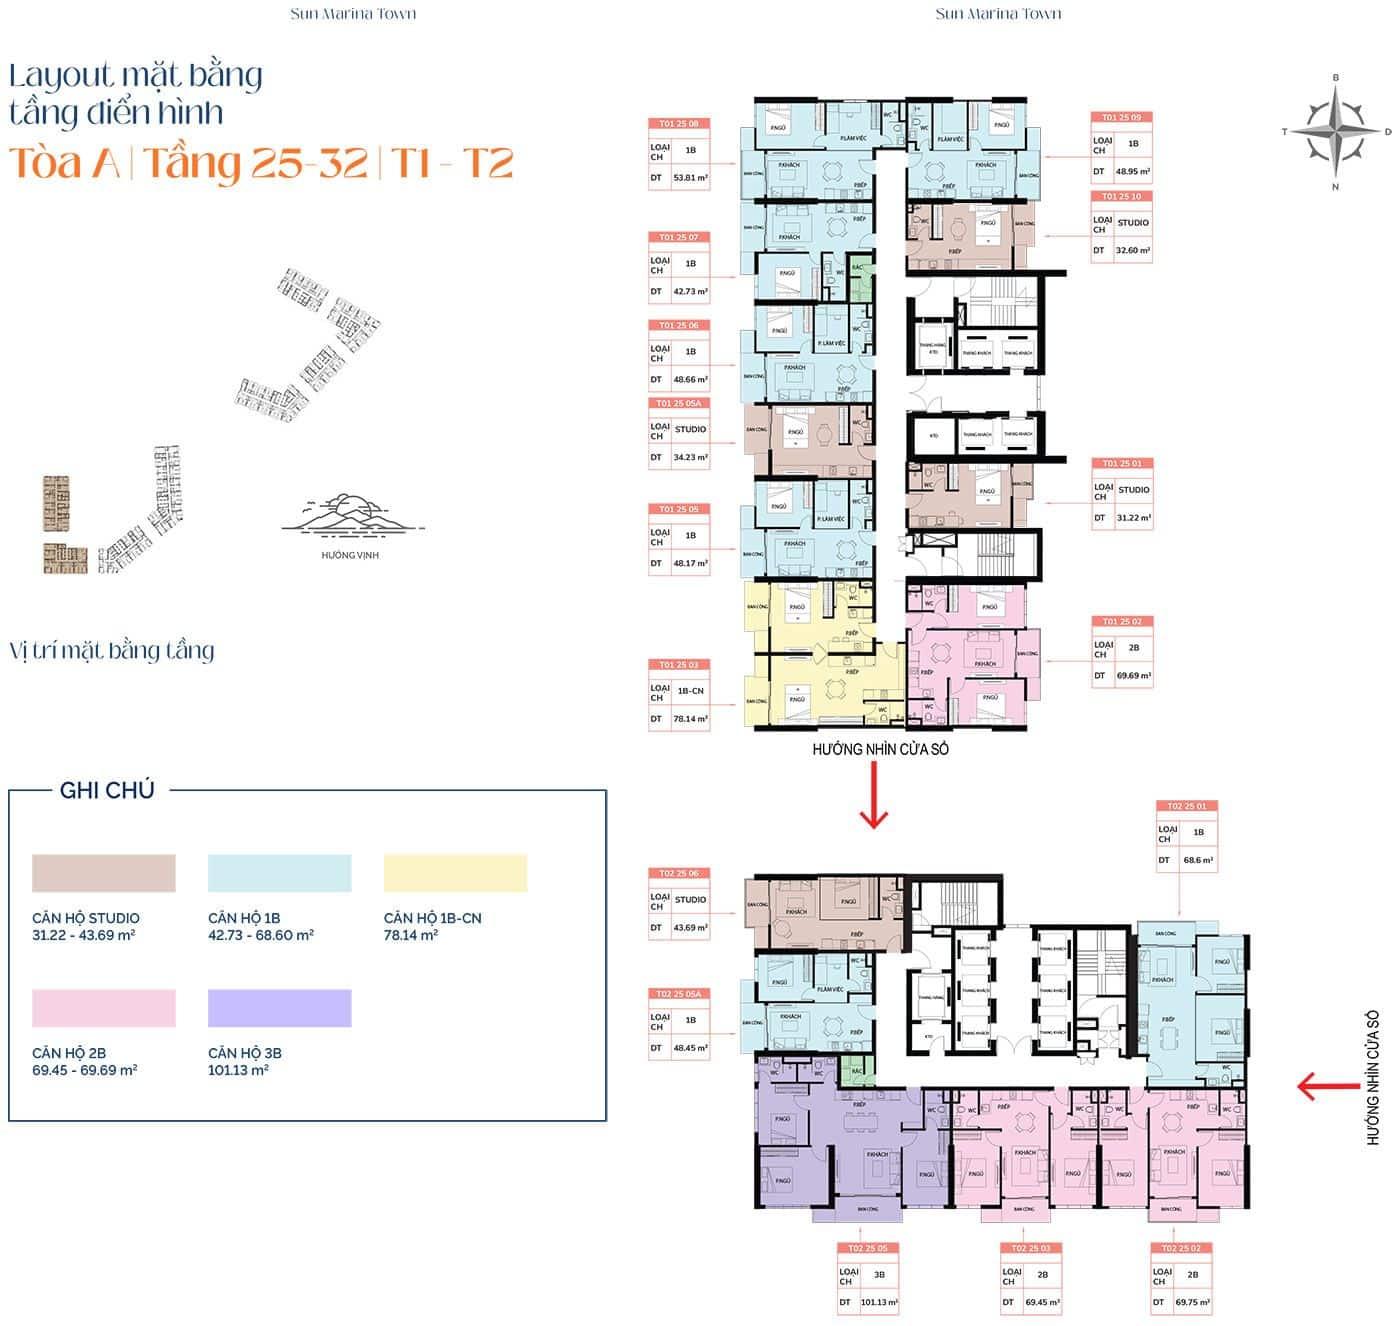 Mặt bằng tầng điển hình tòa A, từ tầng 25 đến tầng 32, T1 và T2.